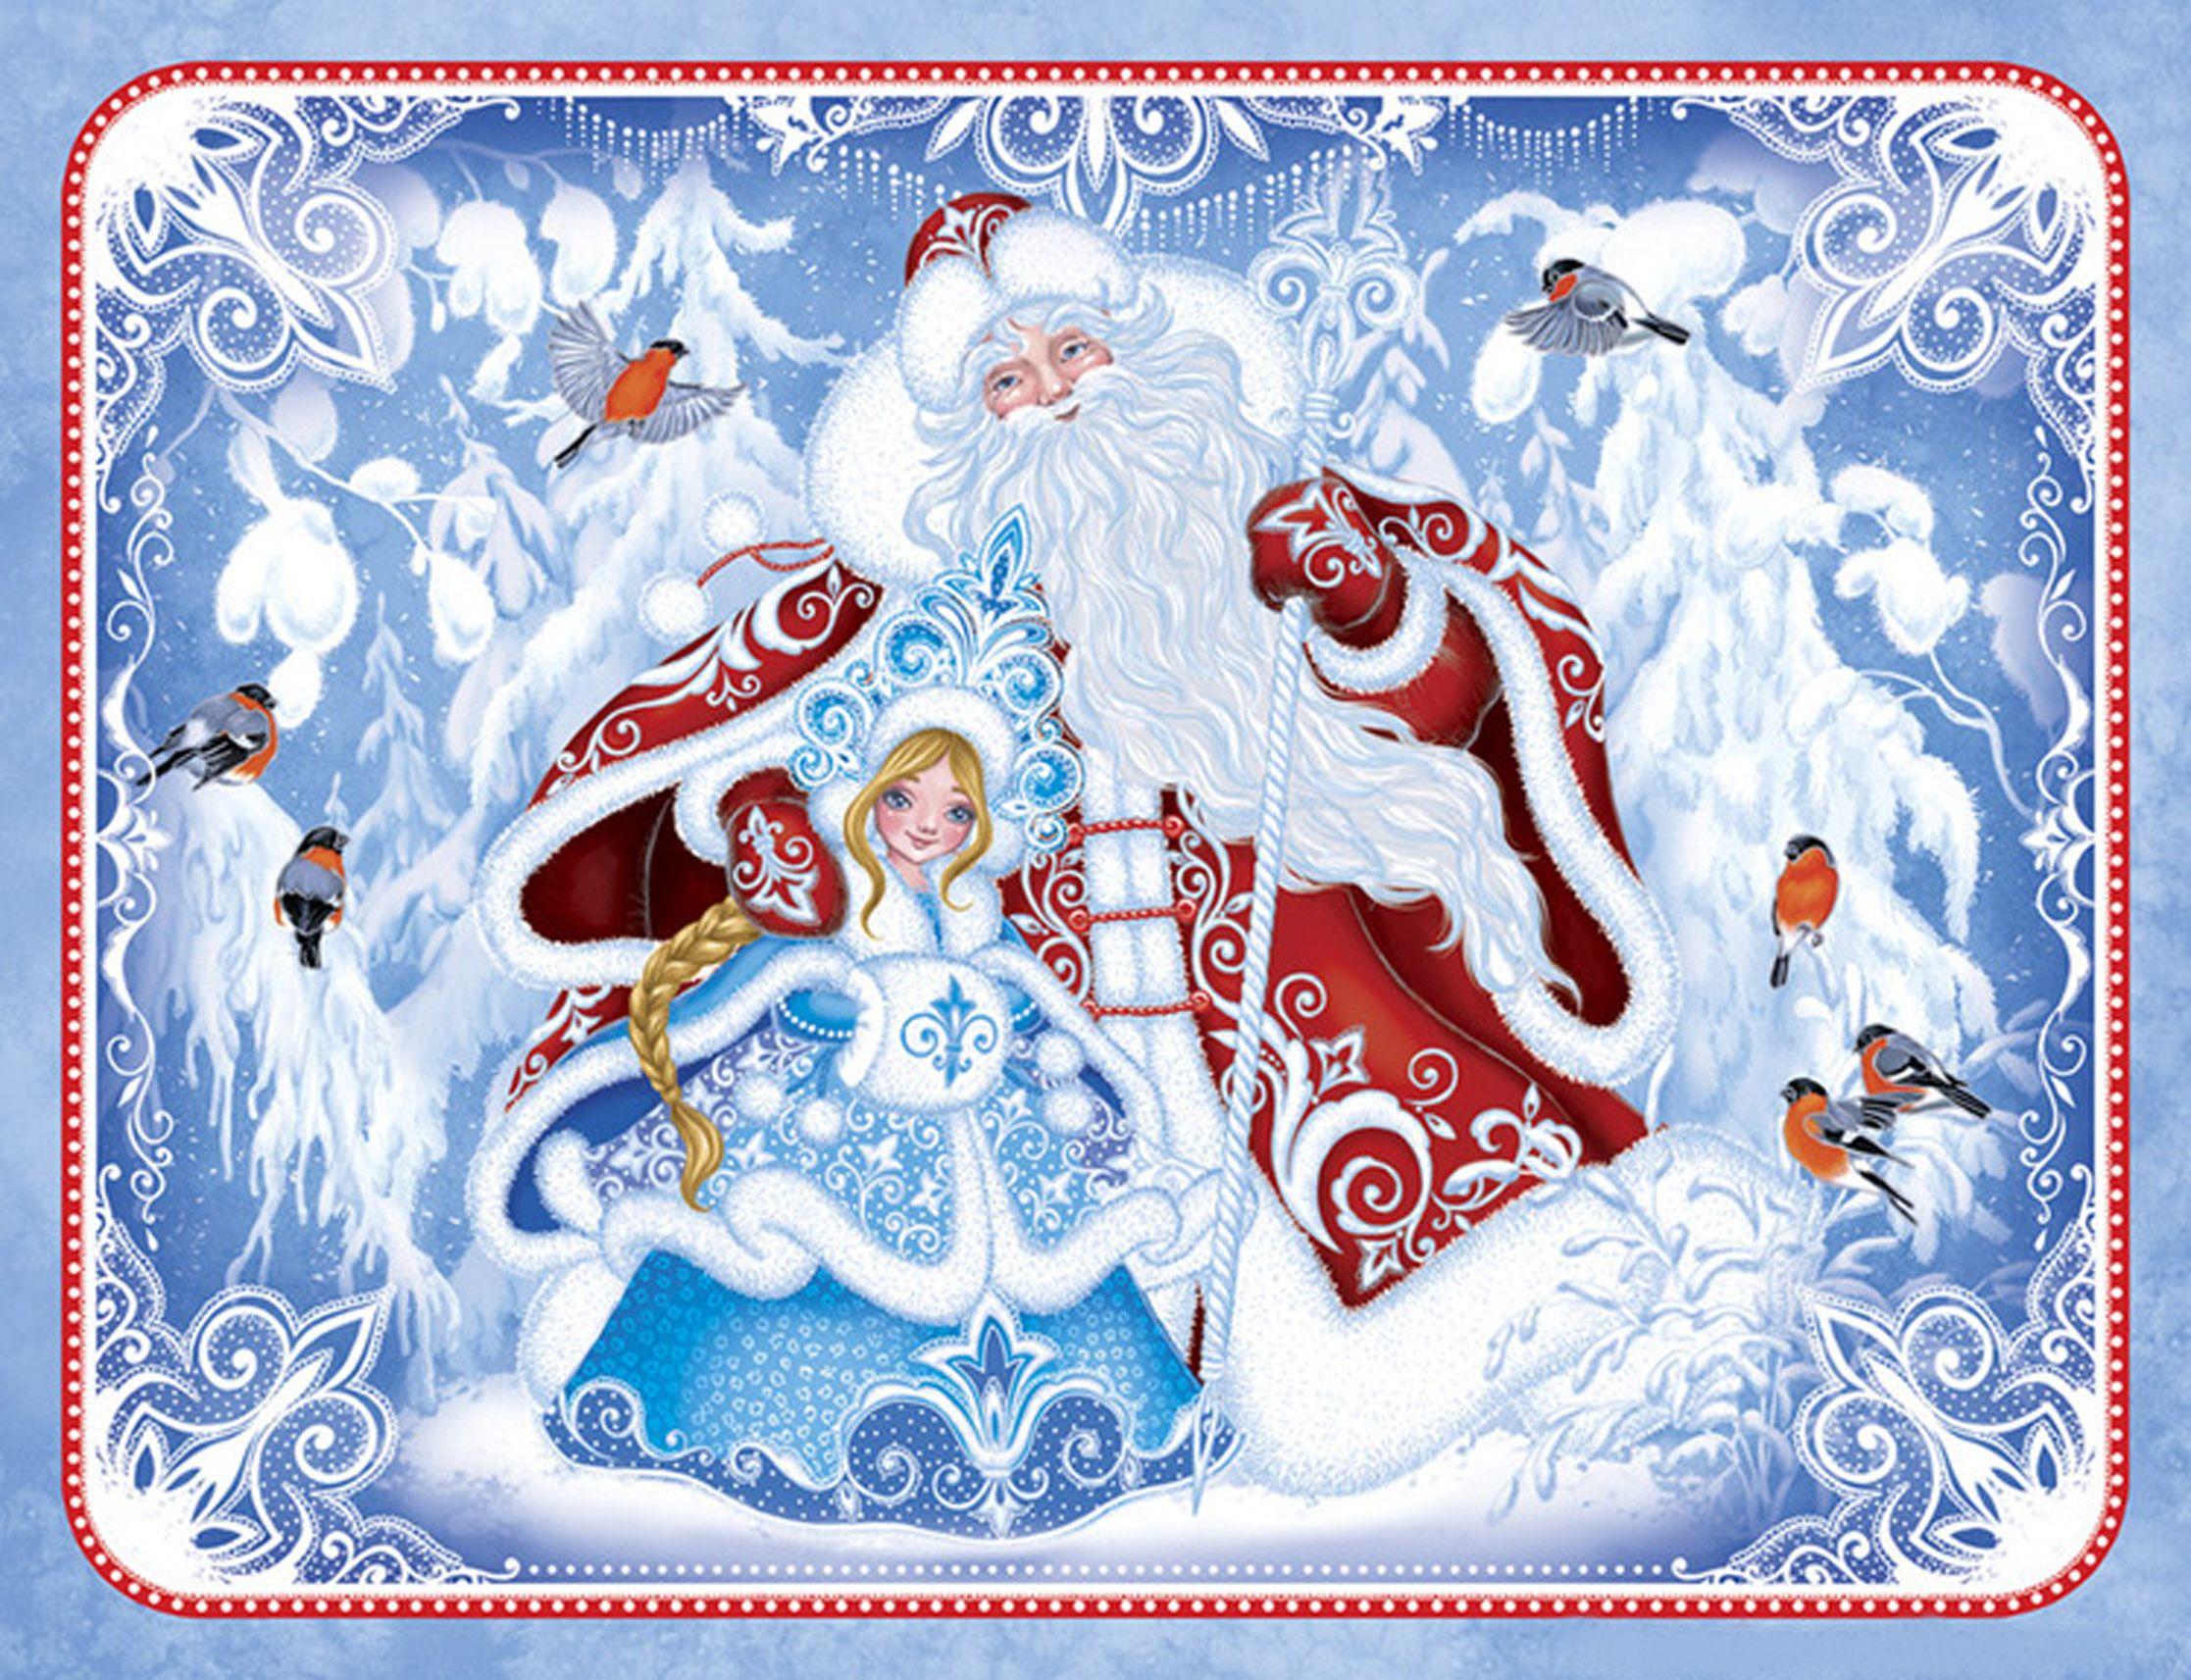 Картинки деда мороза с поздравлением нового года, нарисовать